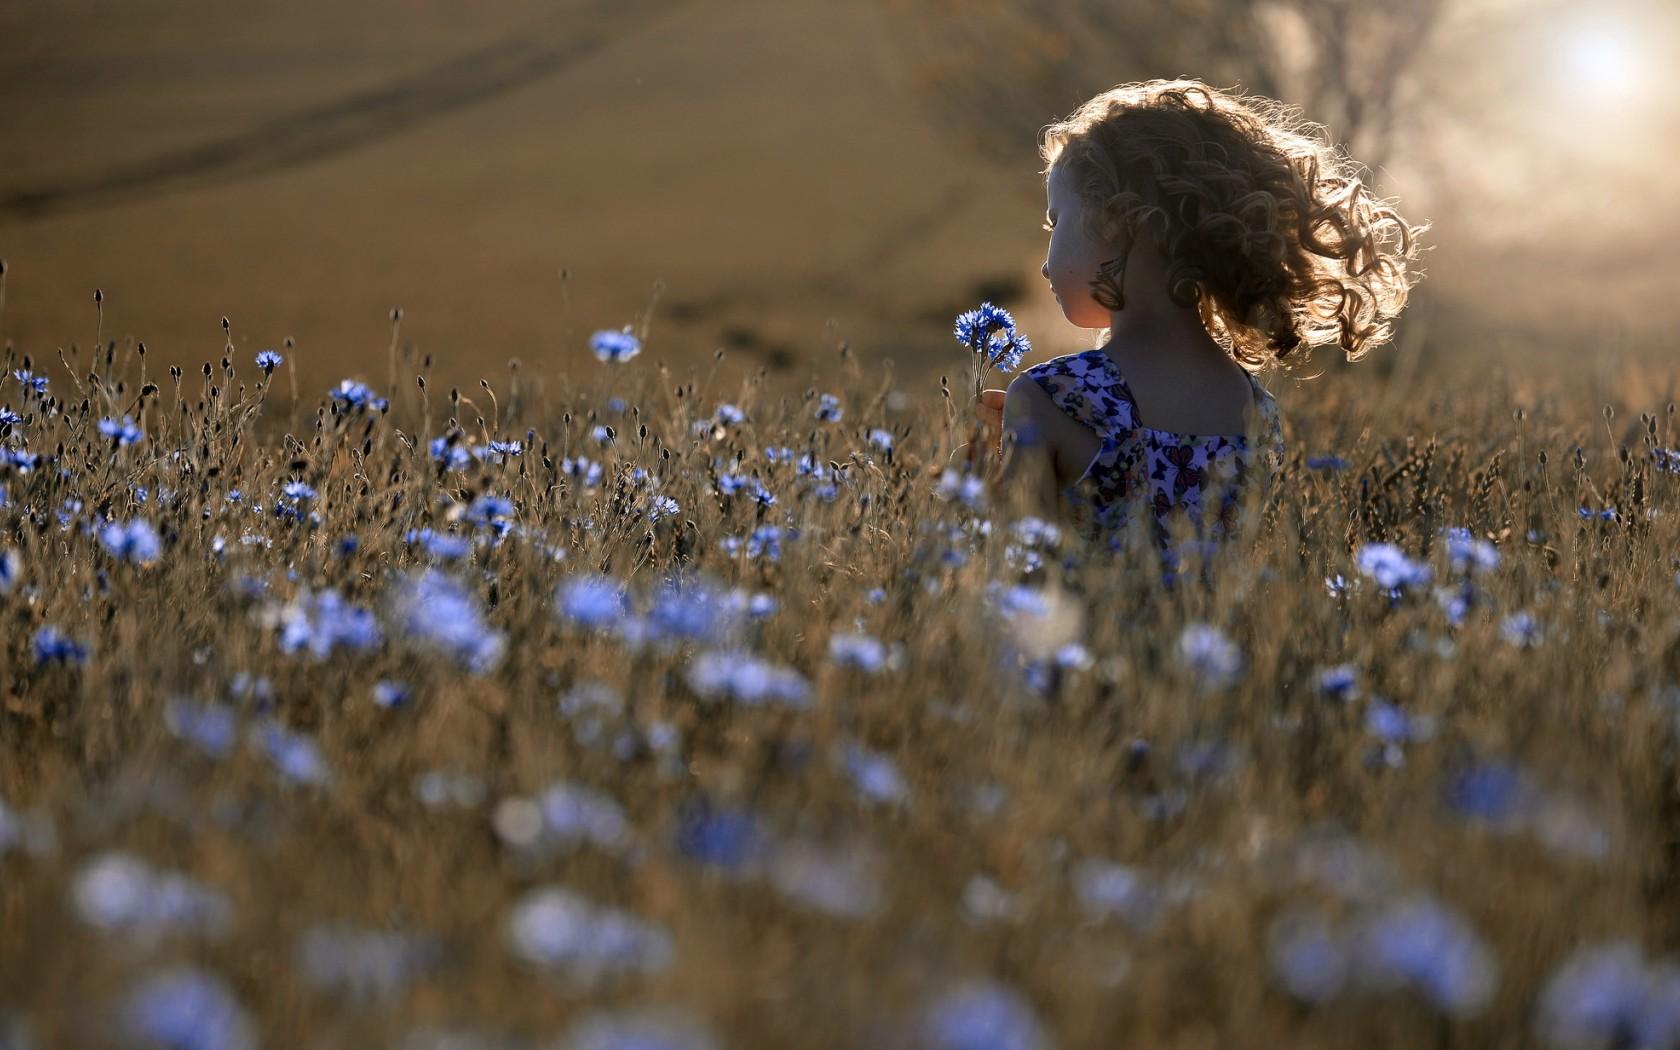 Юлия Гиппенрейтер о том, как вырастить ребенка счастливым: 8 золотых правил